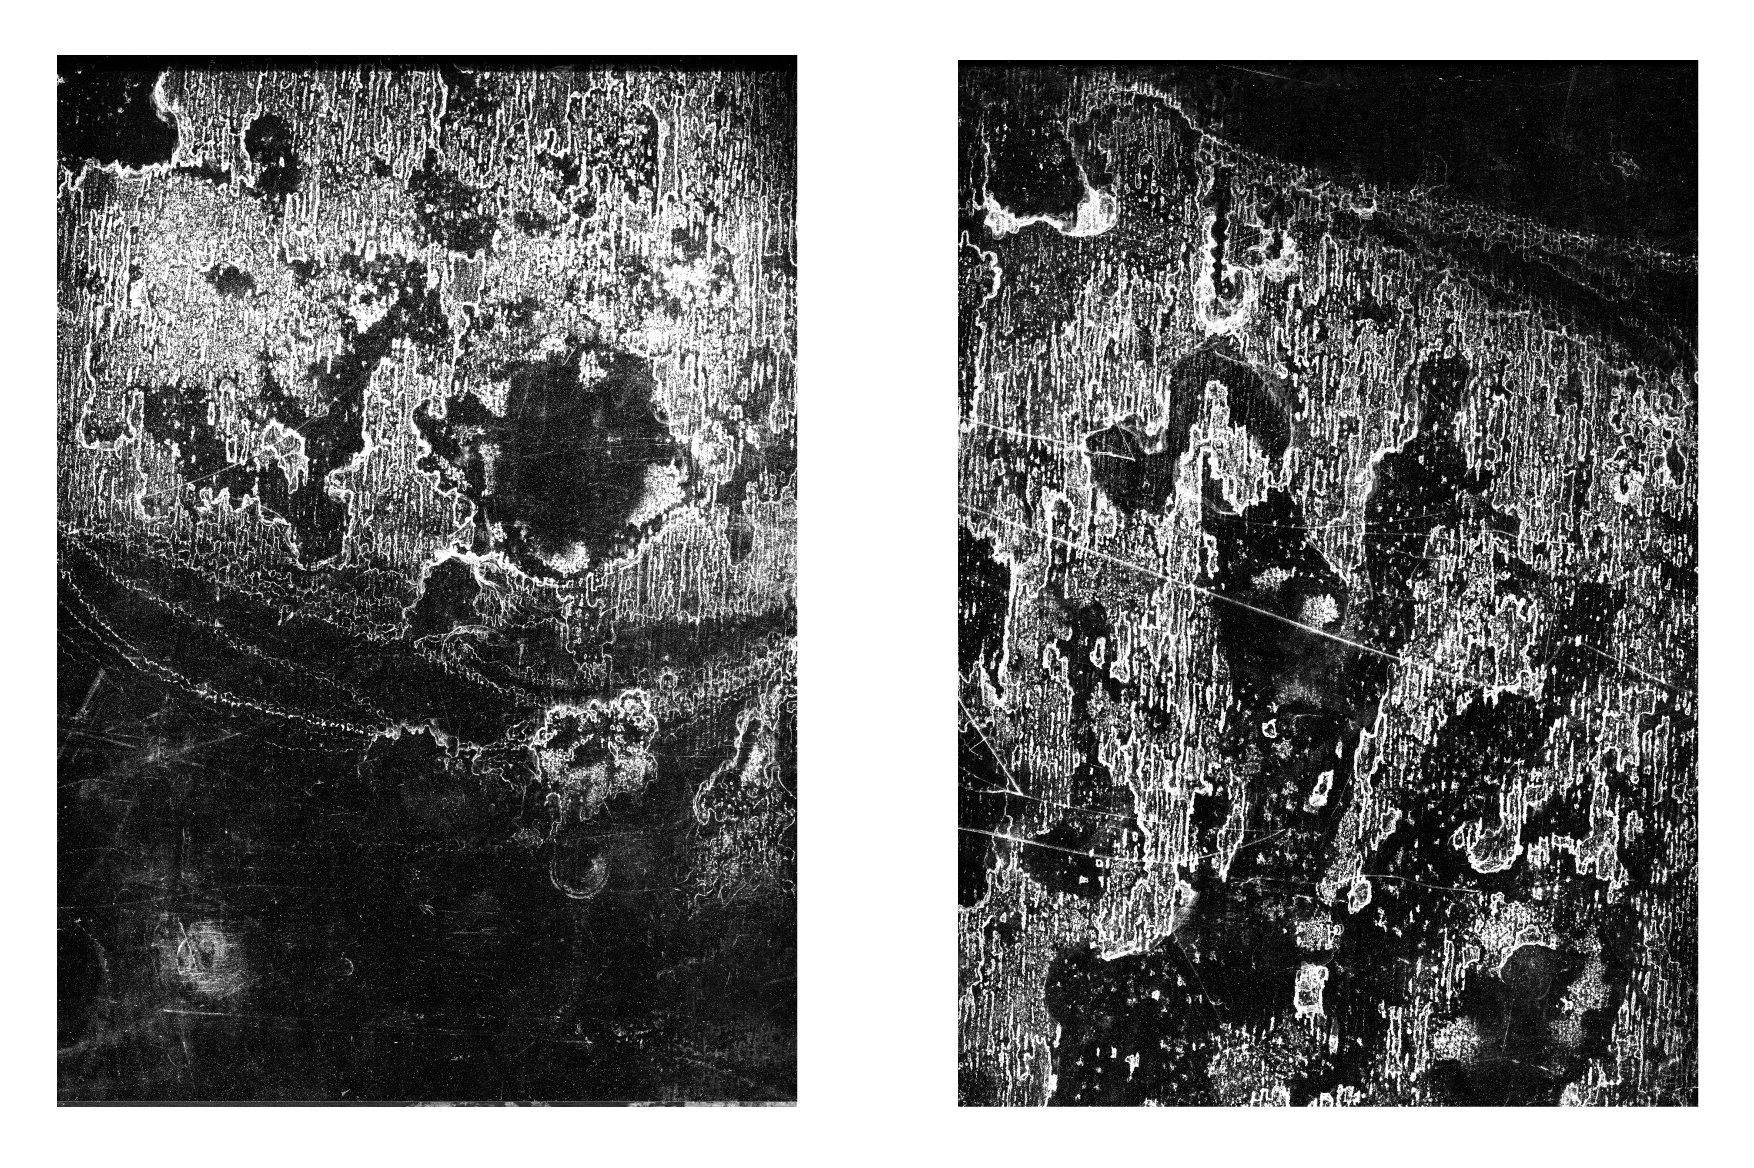 156款复古做旧折痕磨损褶皱纸张背景纹理素材合集 The Grunge Texture Bundle Vol. 1插图(25)